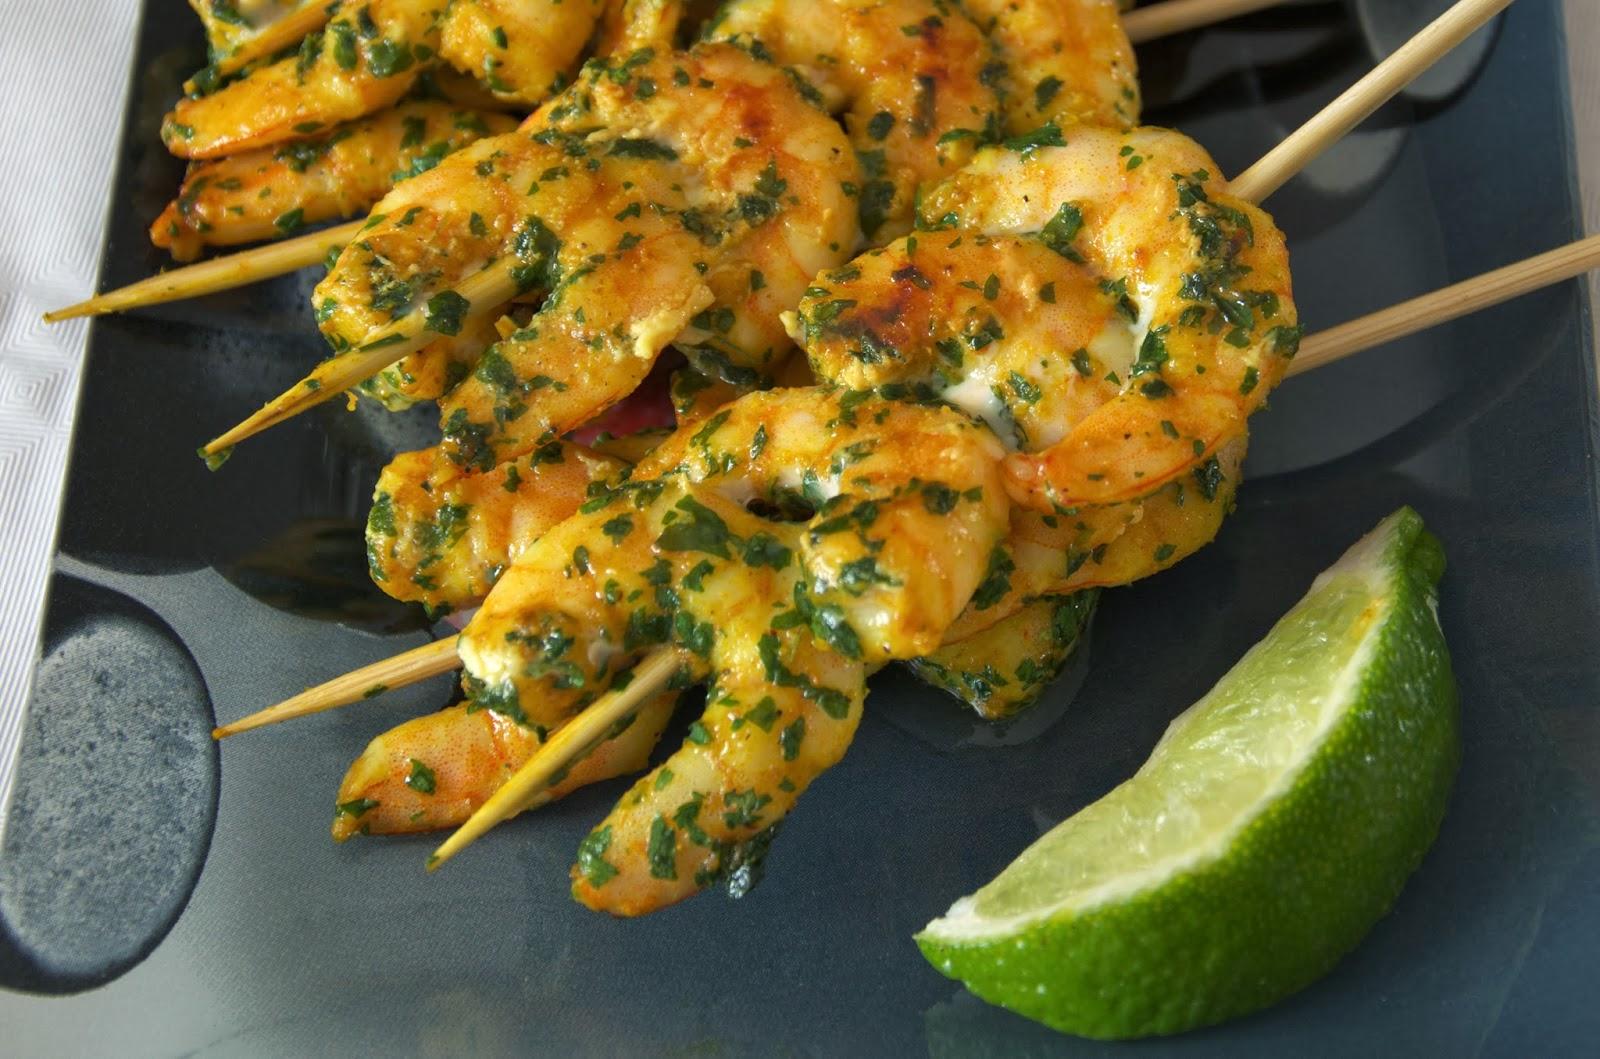 Assez Les brochettes appéritives de crevettes au colombo - Recette par  TG66